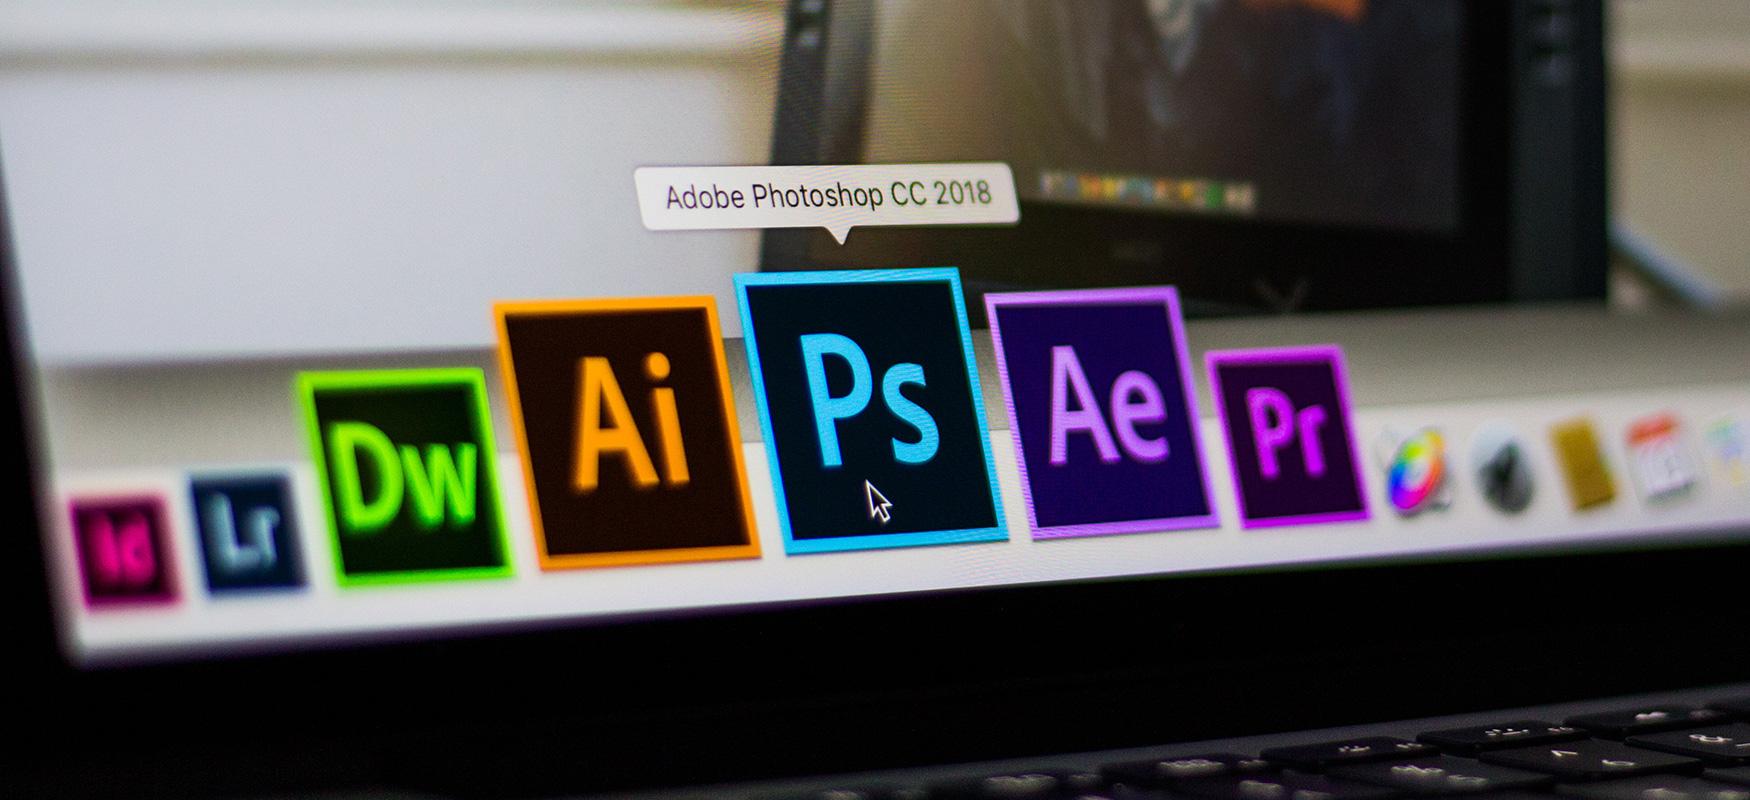 Bai, Adobe CC doan eskuratu dezakezu bi hilabetez.  Ez, ez du zerikusirik epidemiarekin